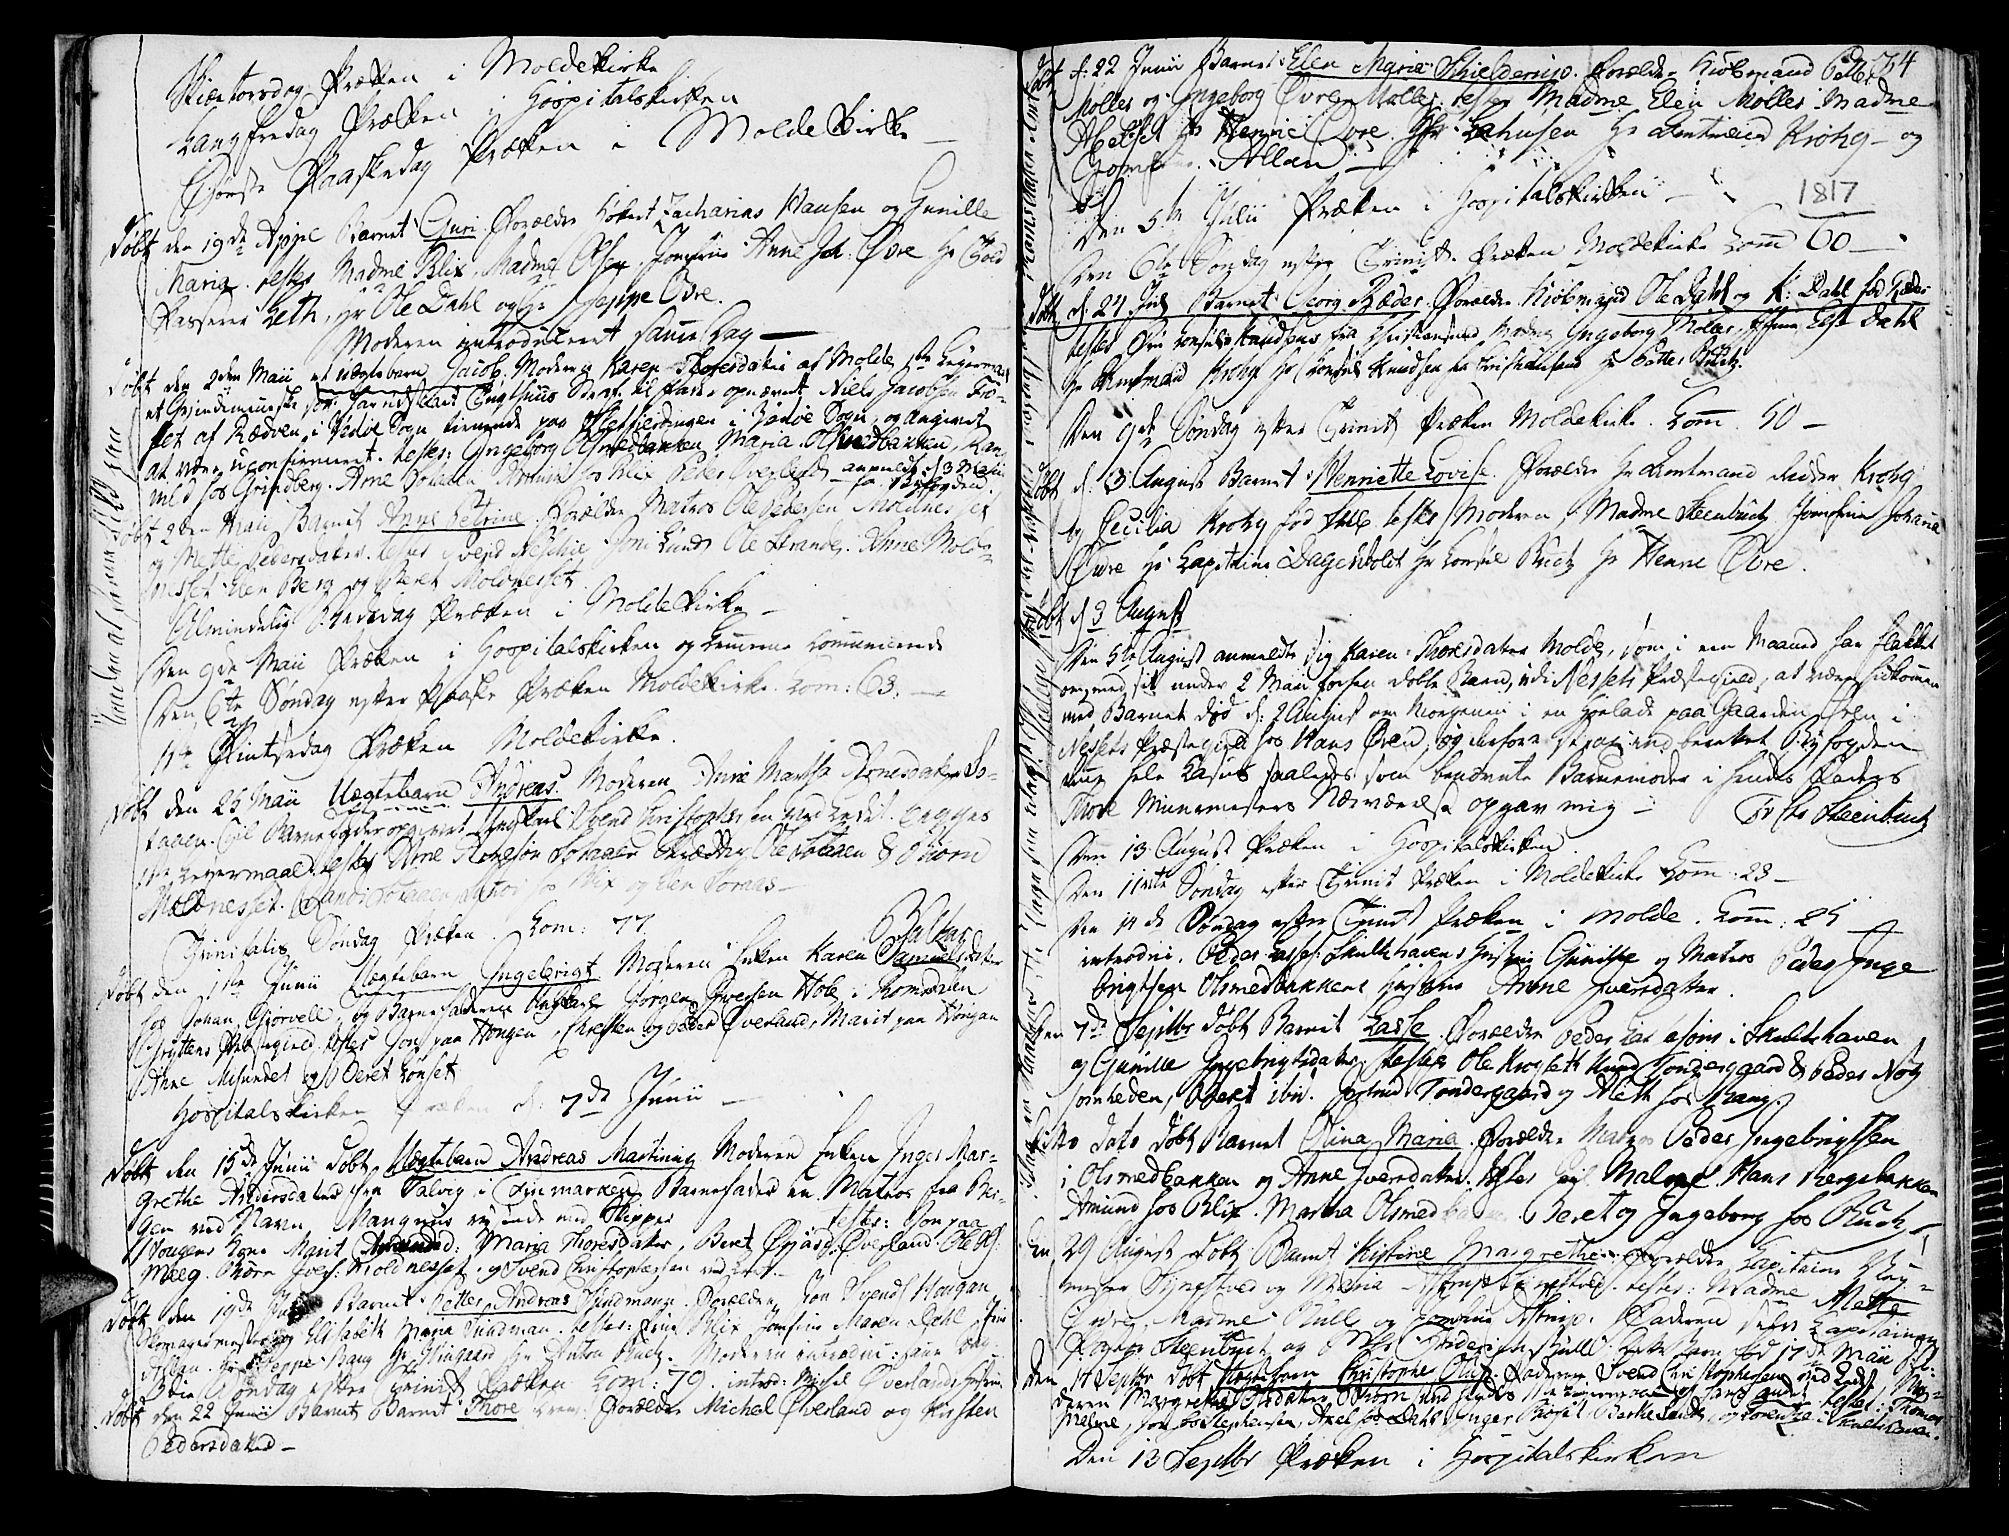 SAT, Ministerialprotokoller, klokkerbøker og fødselsregistre - Møre og Romsdal, 558/L0687: Ministerialbok nr. 558A01, 1798-1818, s. 34